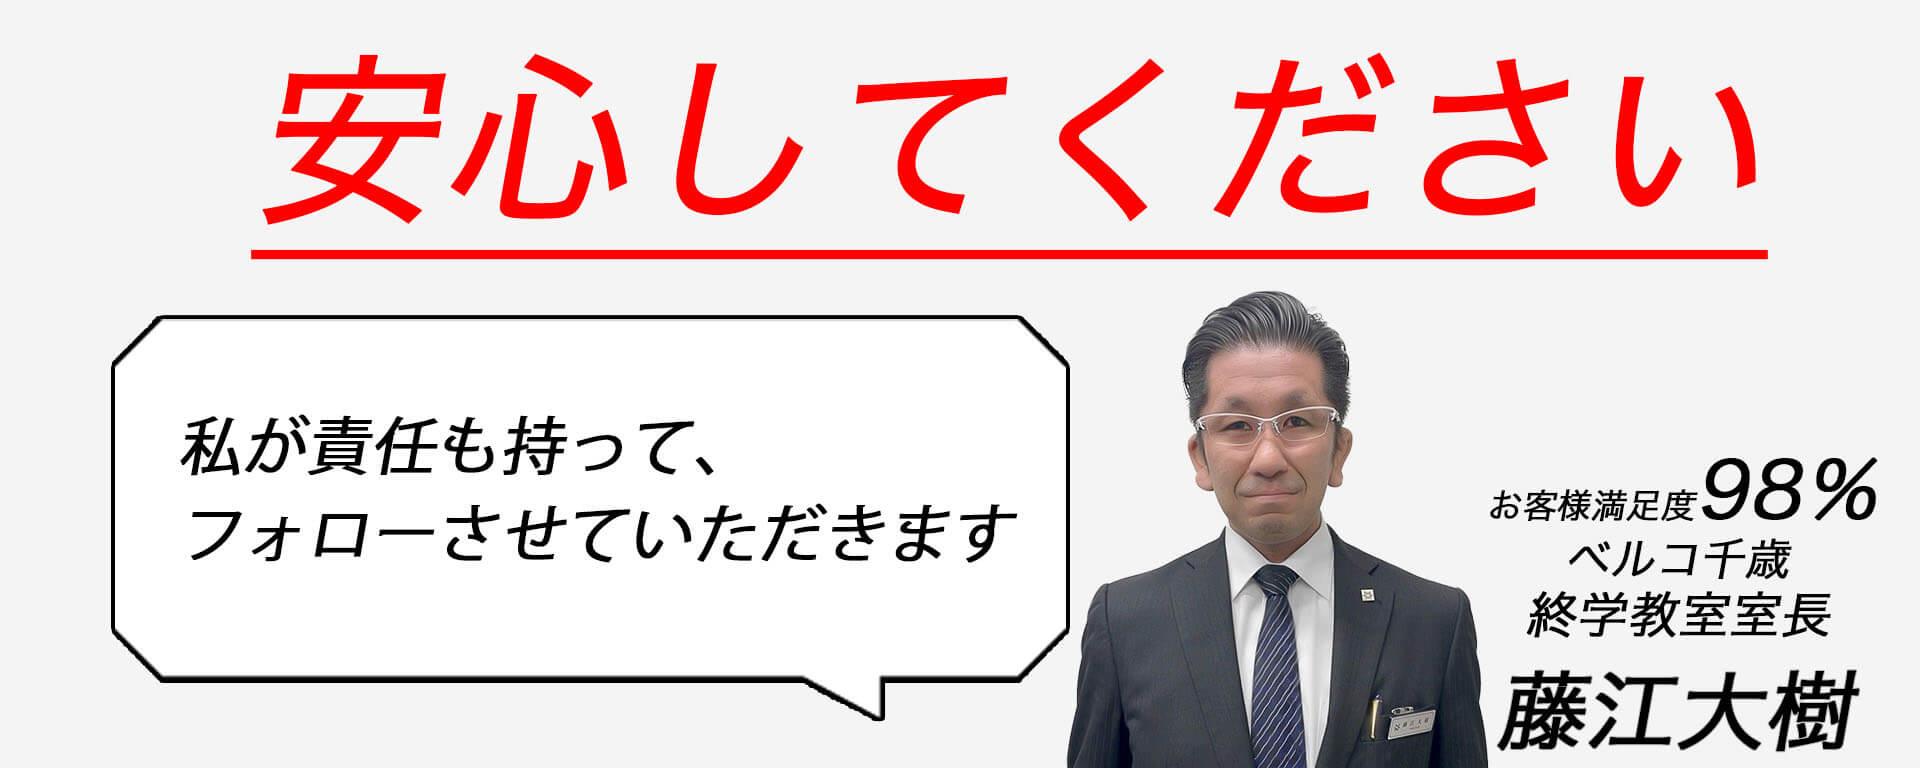 安心してください。葬儀後のアフターフォローを藤江が責任を持って対応いたします。